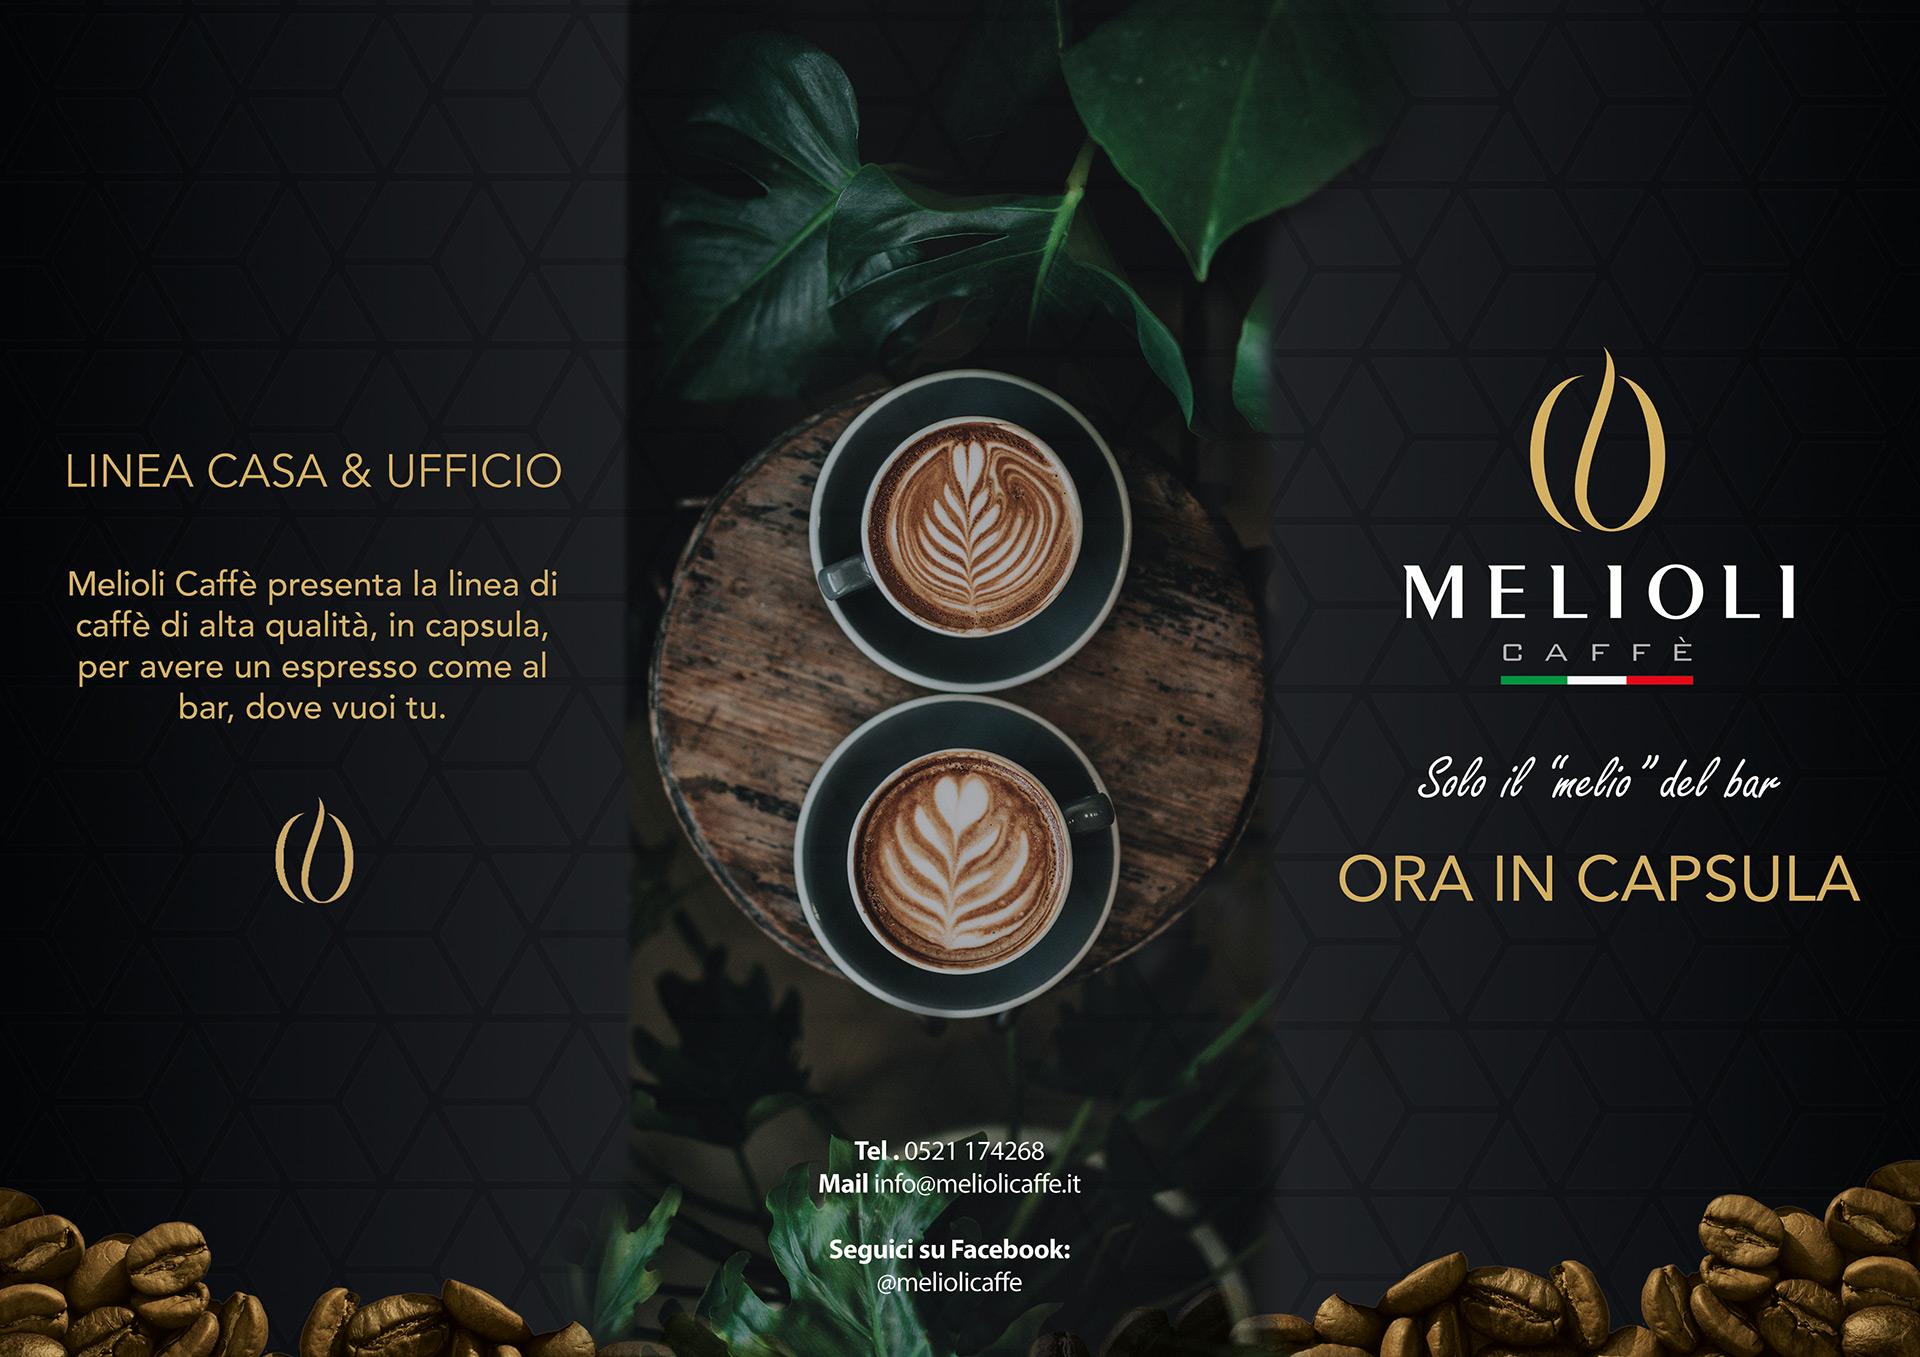 Melioli Caffè - Solo il 'melio' del bar - Ora in Capsula